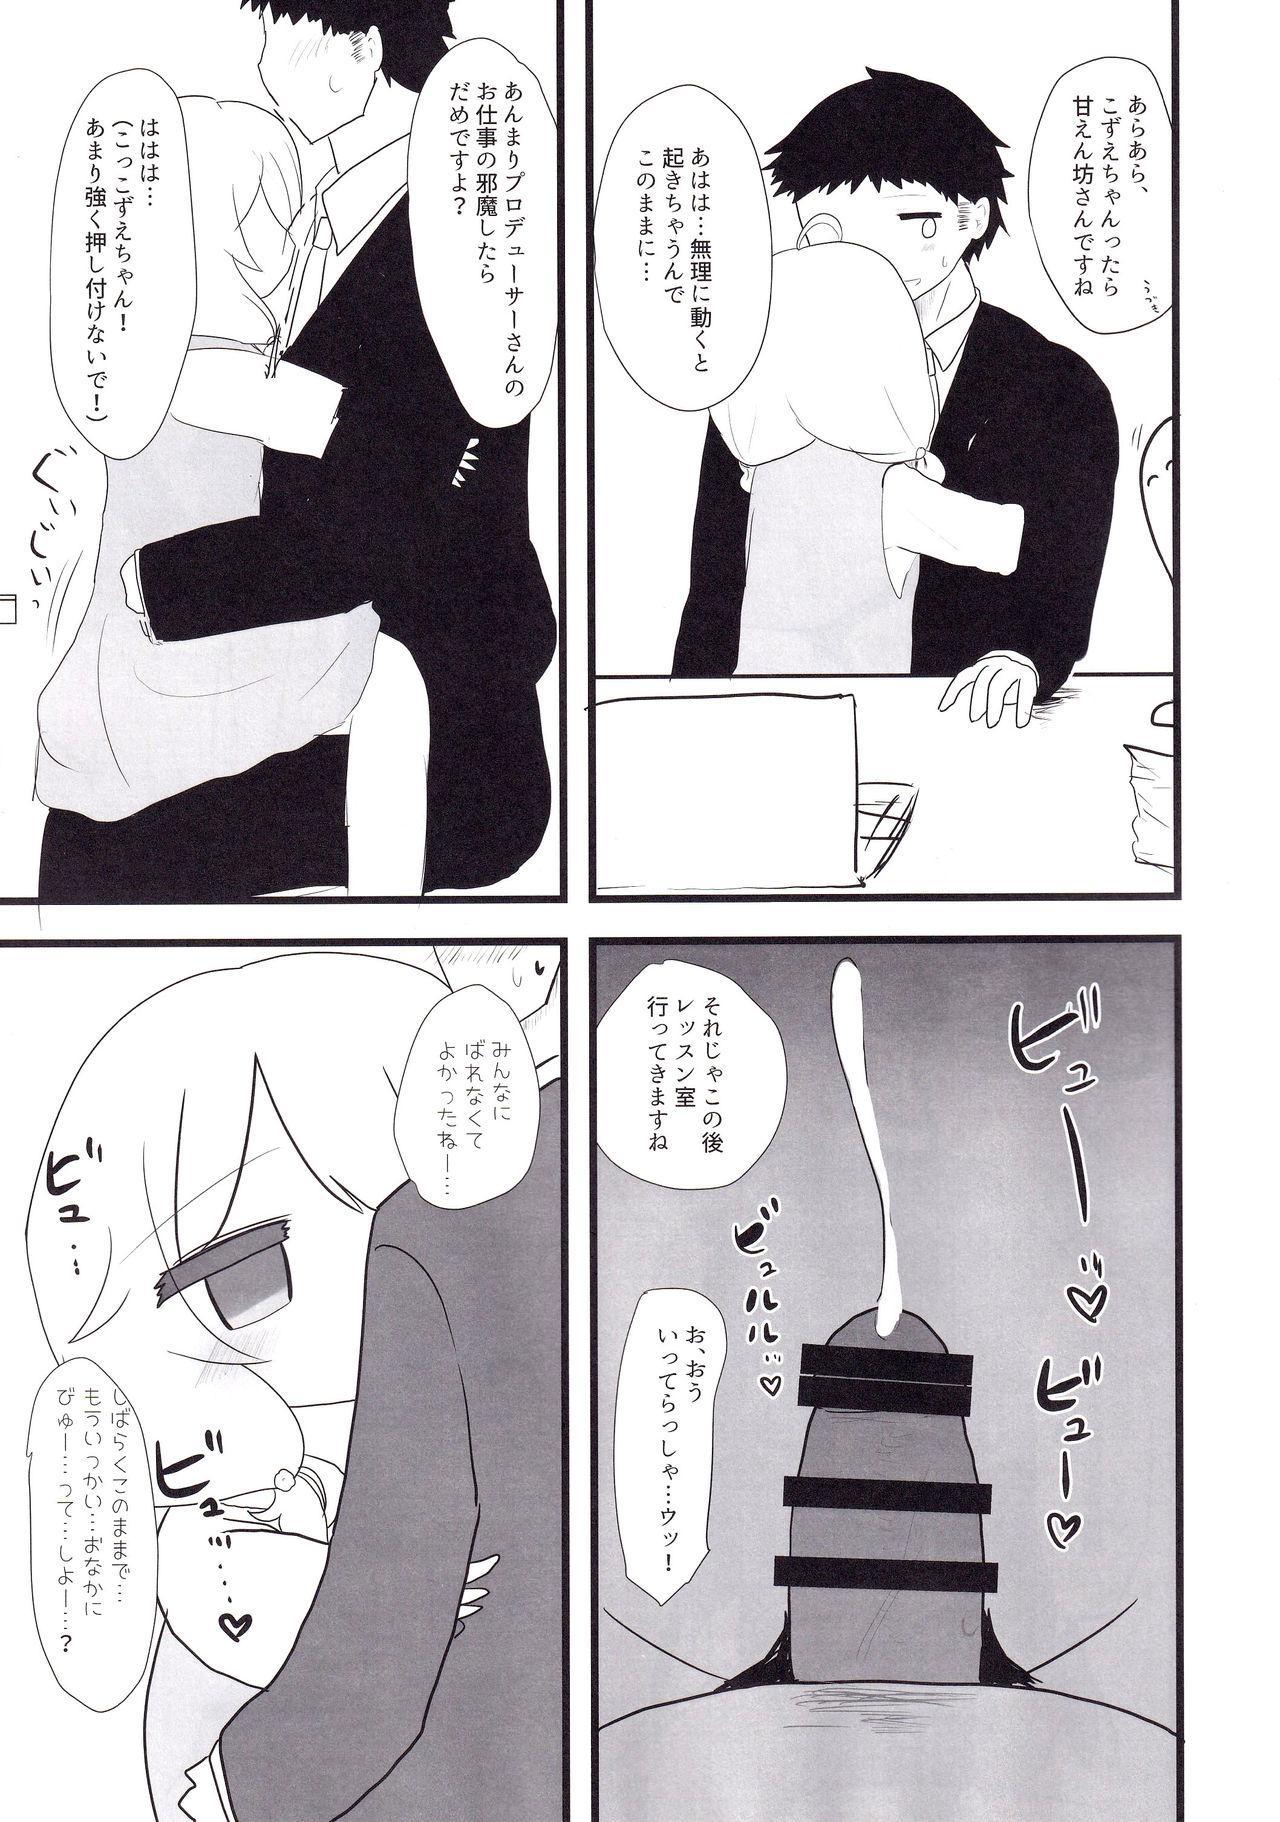 Yukimi to Kozue to Lolicon P to 15